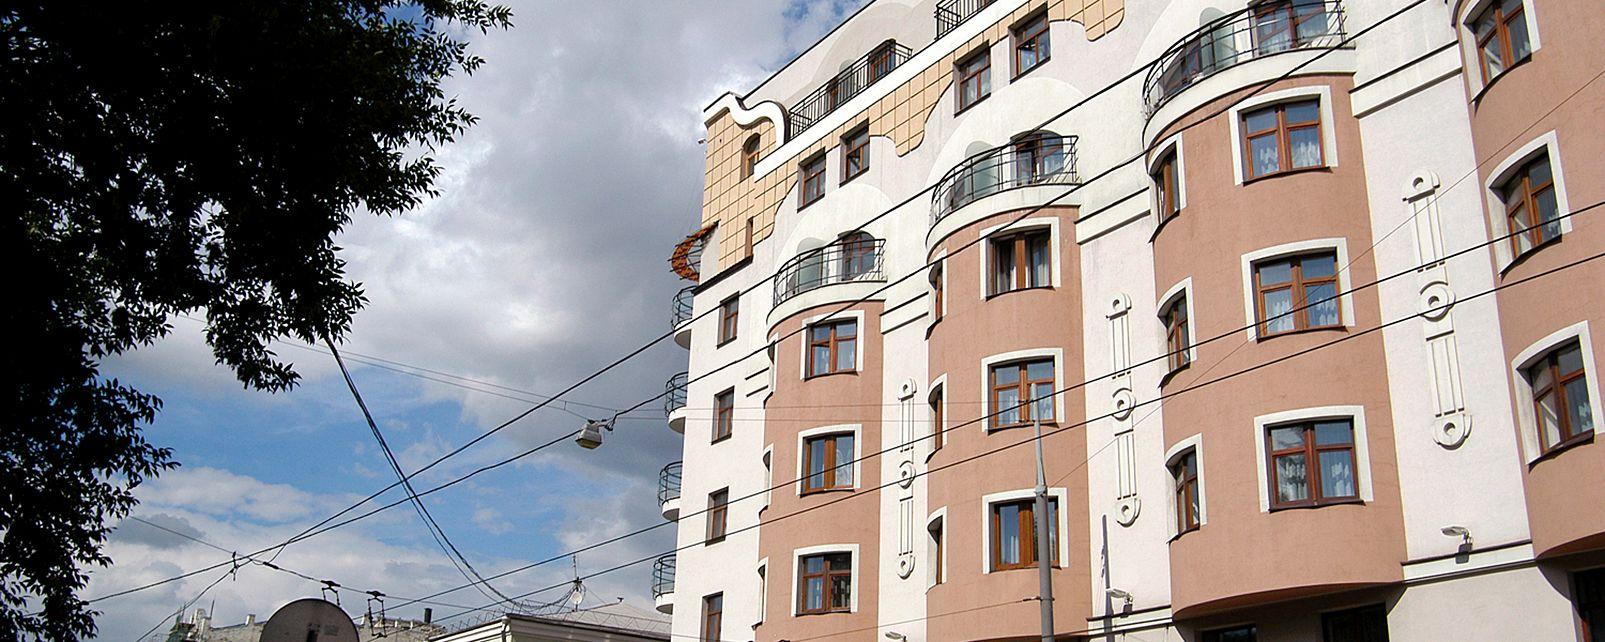 Hotel Park Inn Radisson Sadu